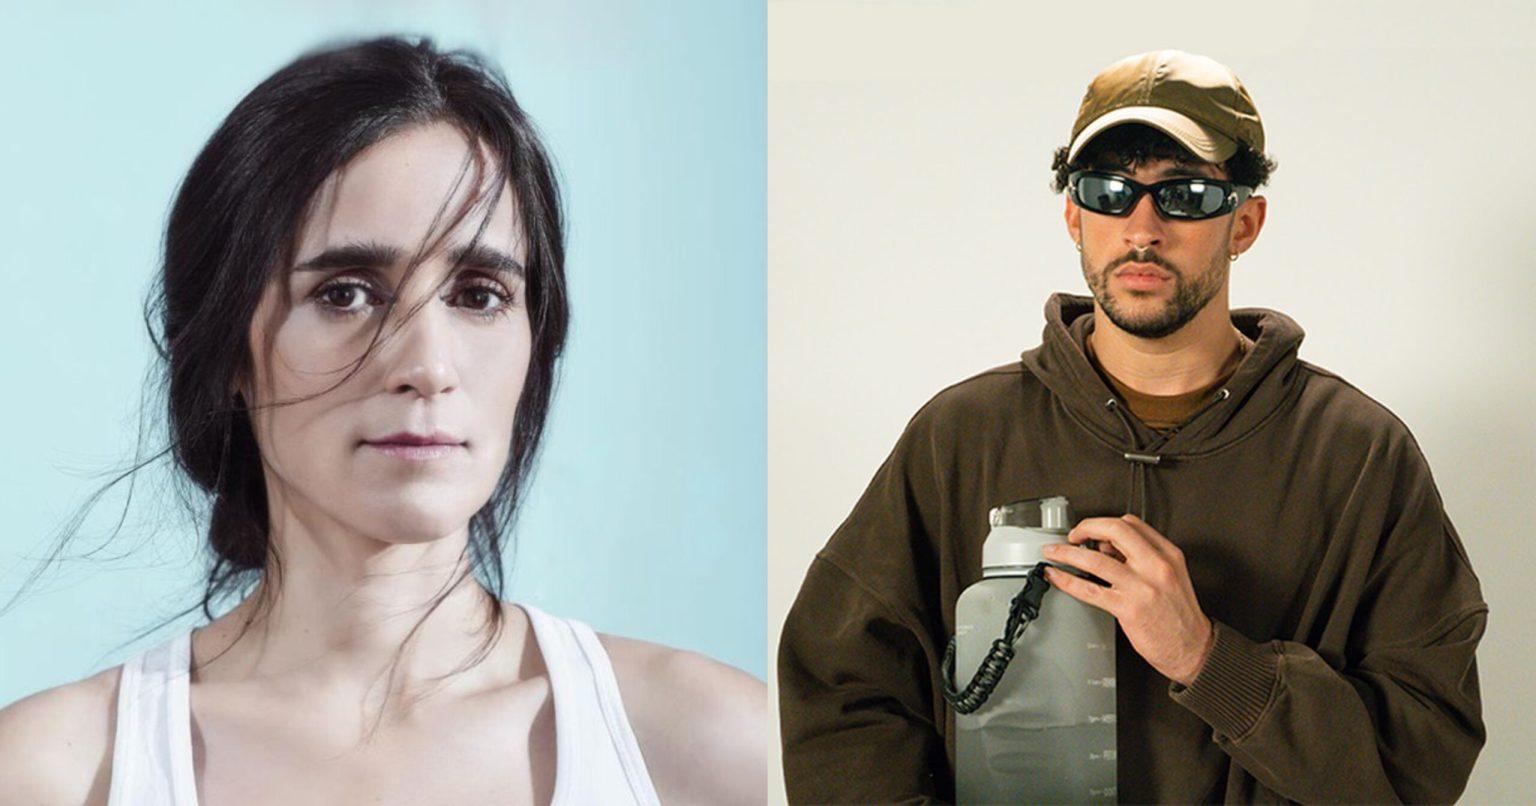 Julieta Venegas, Bad Bunny y Tainy, estrenarán tema juntos